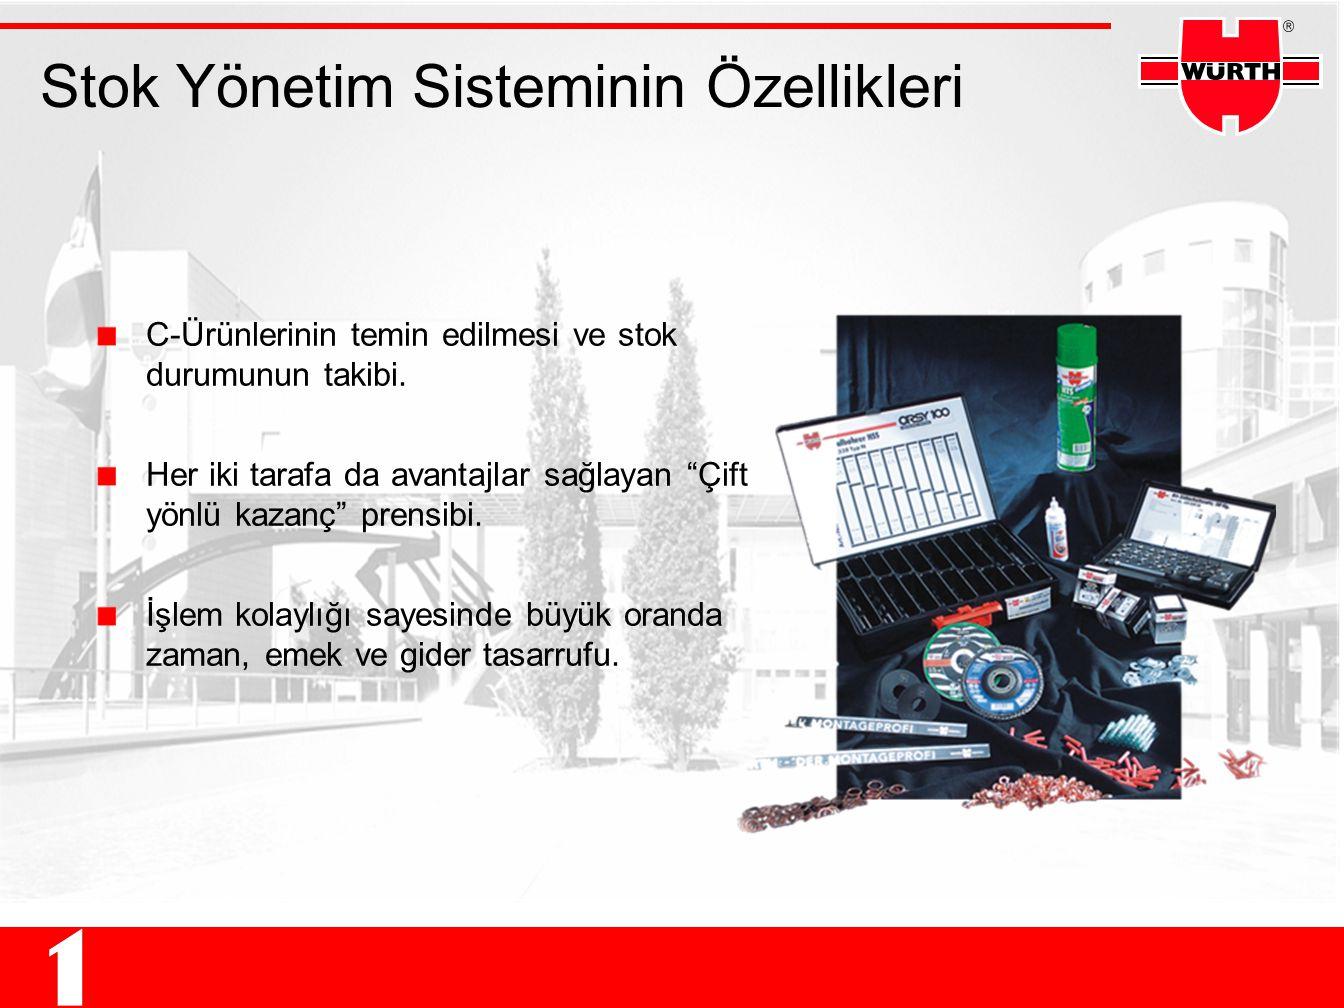 Stok Yönetim Sisteminin Özellikleri